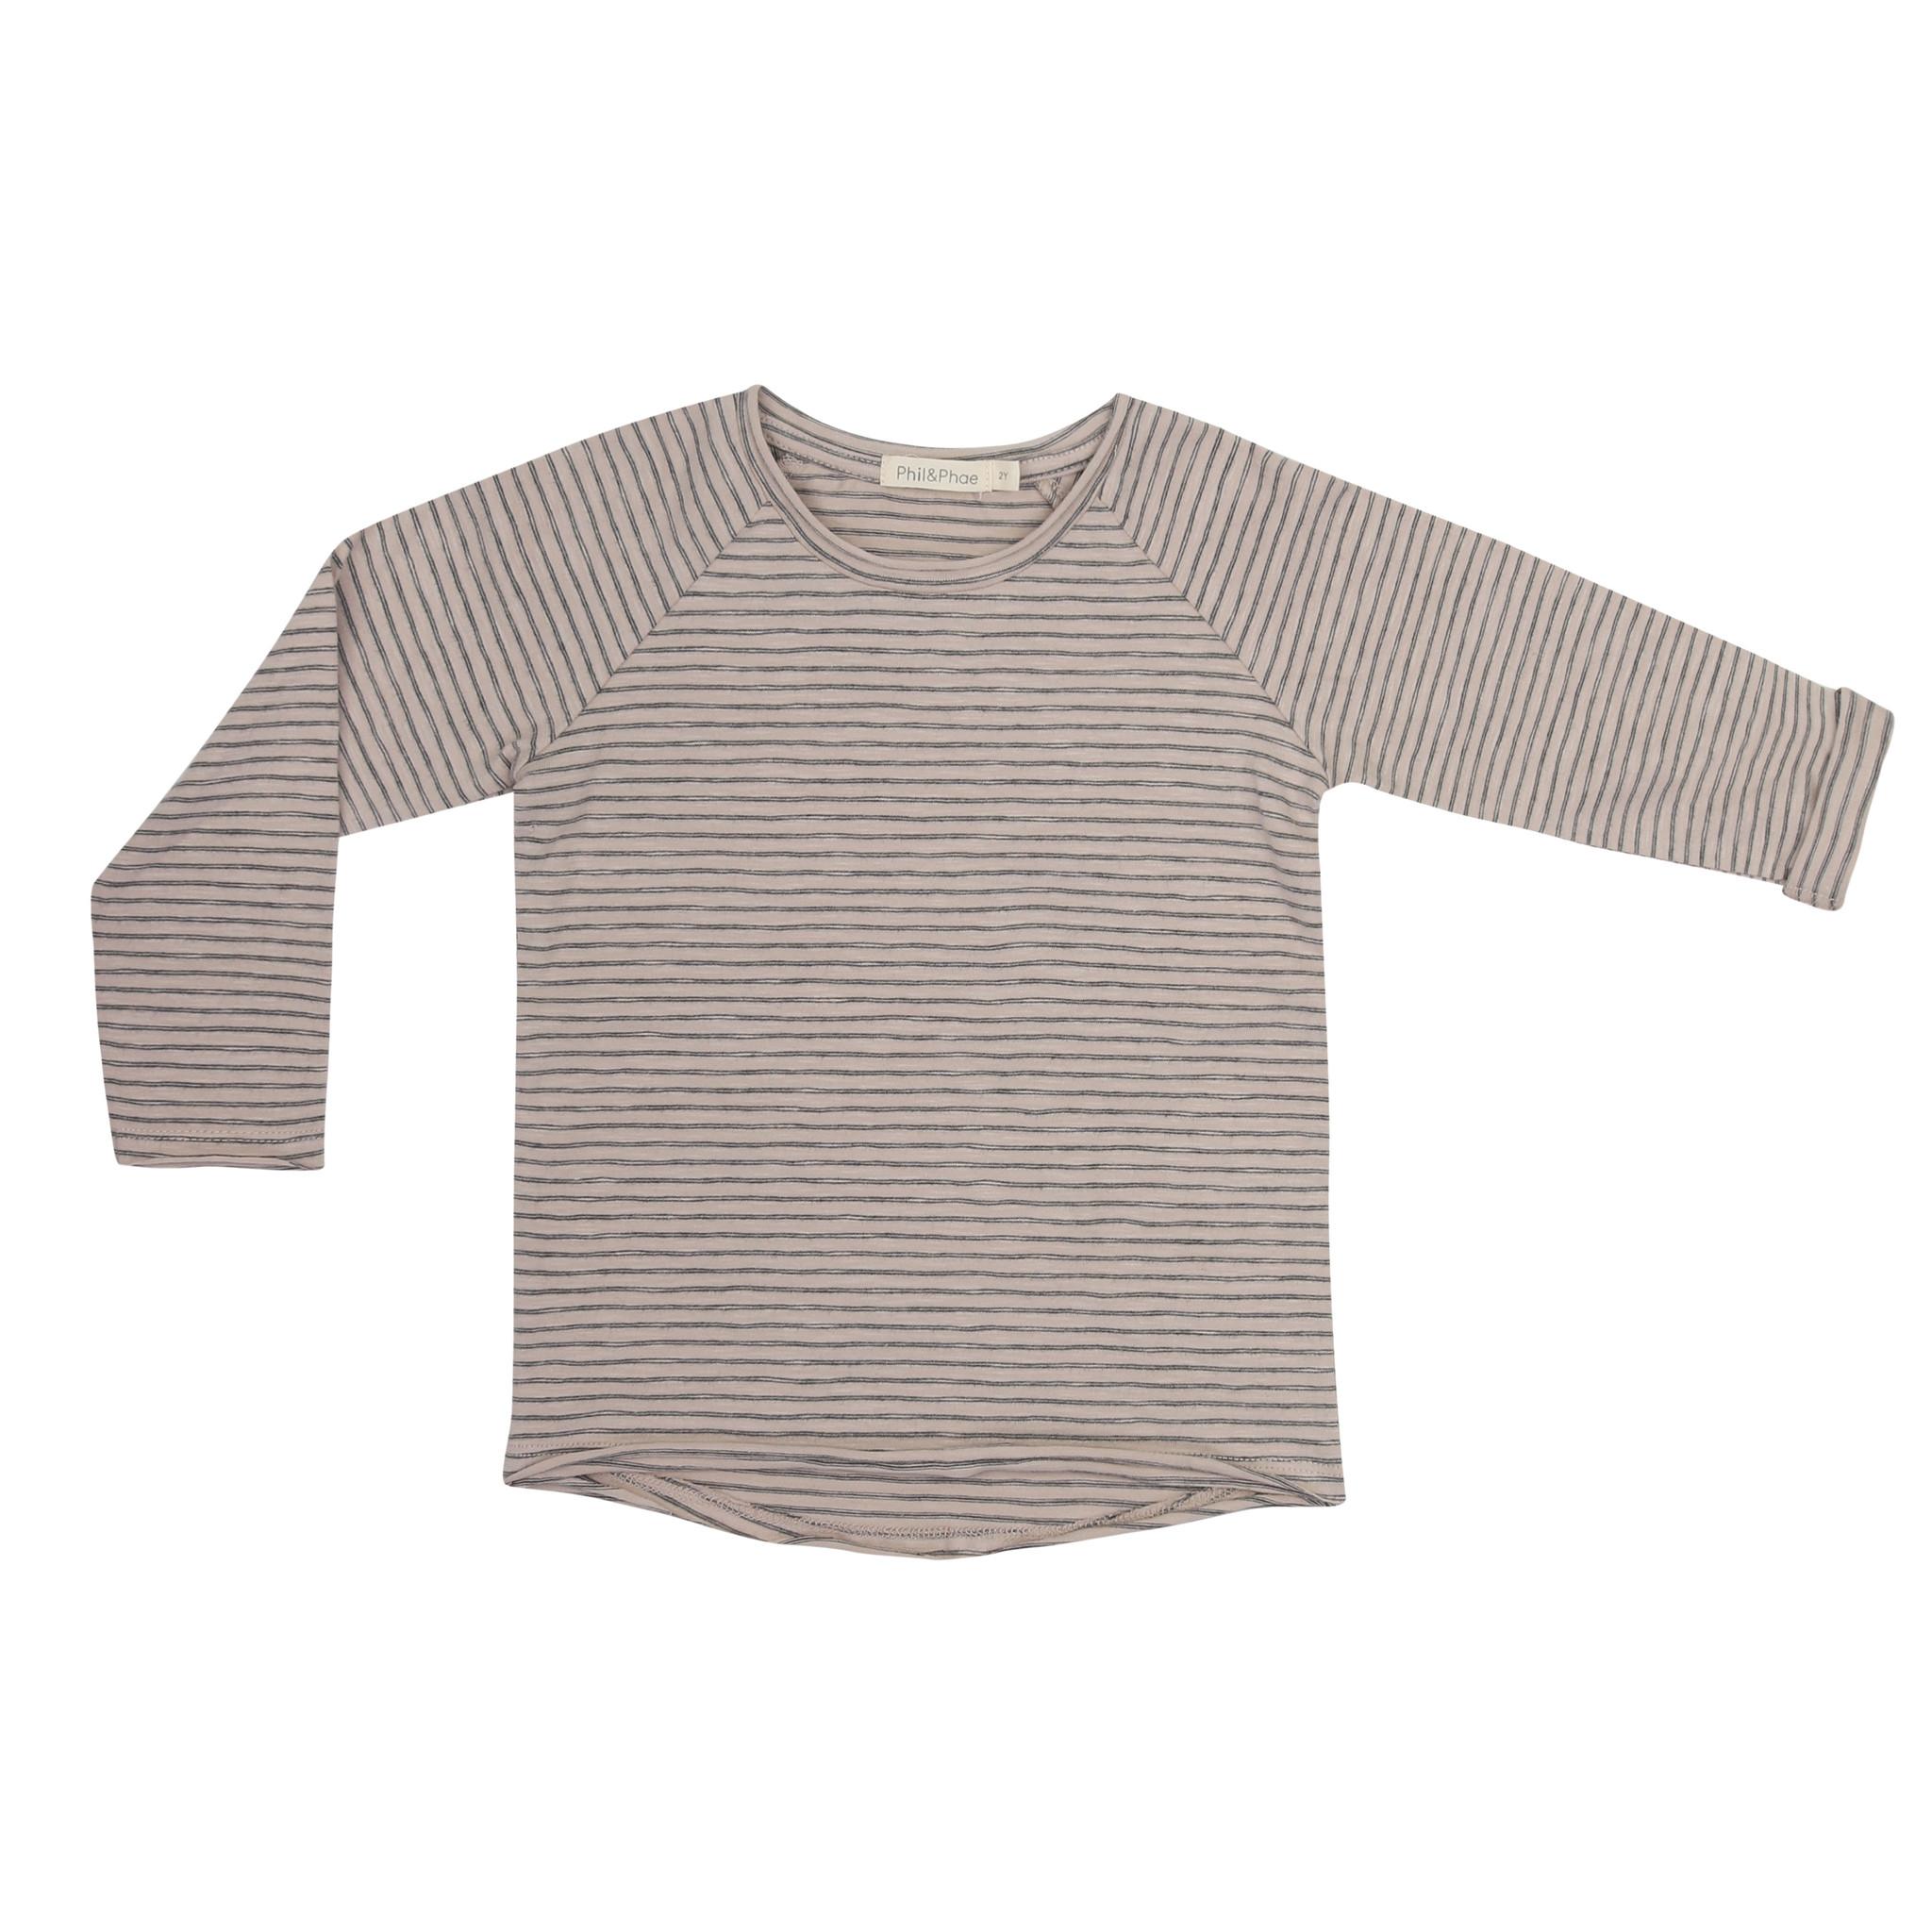 Raglan tee stripes l/s - Straw-1